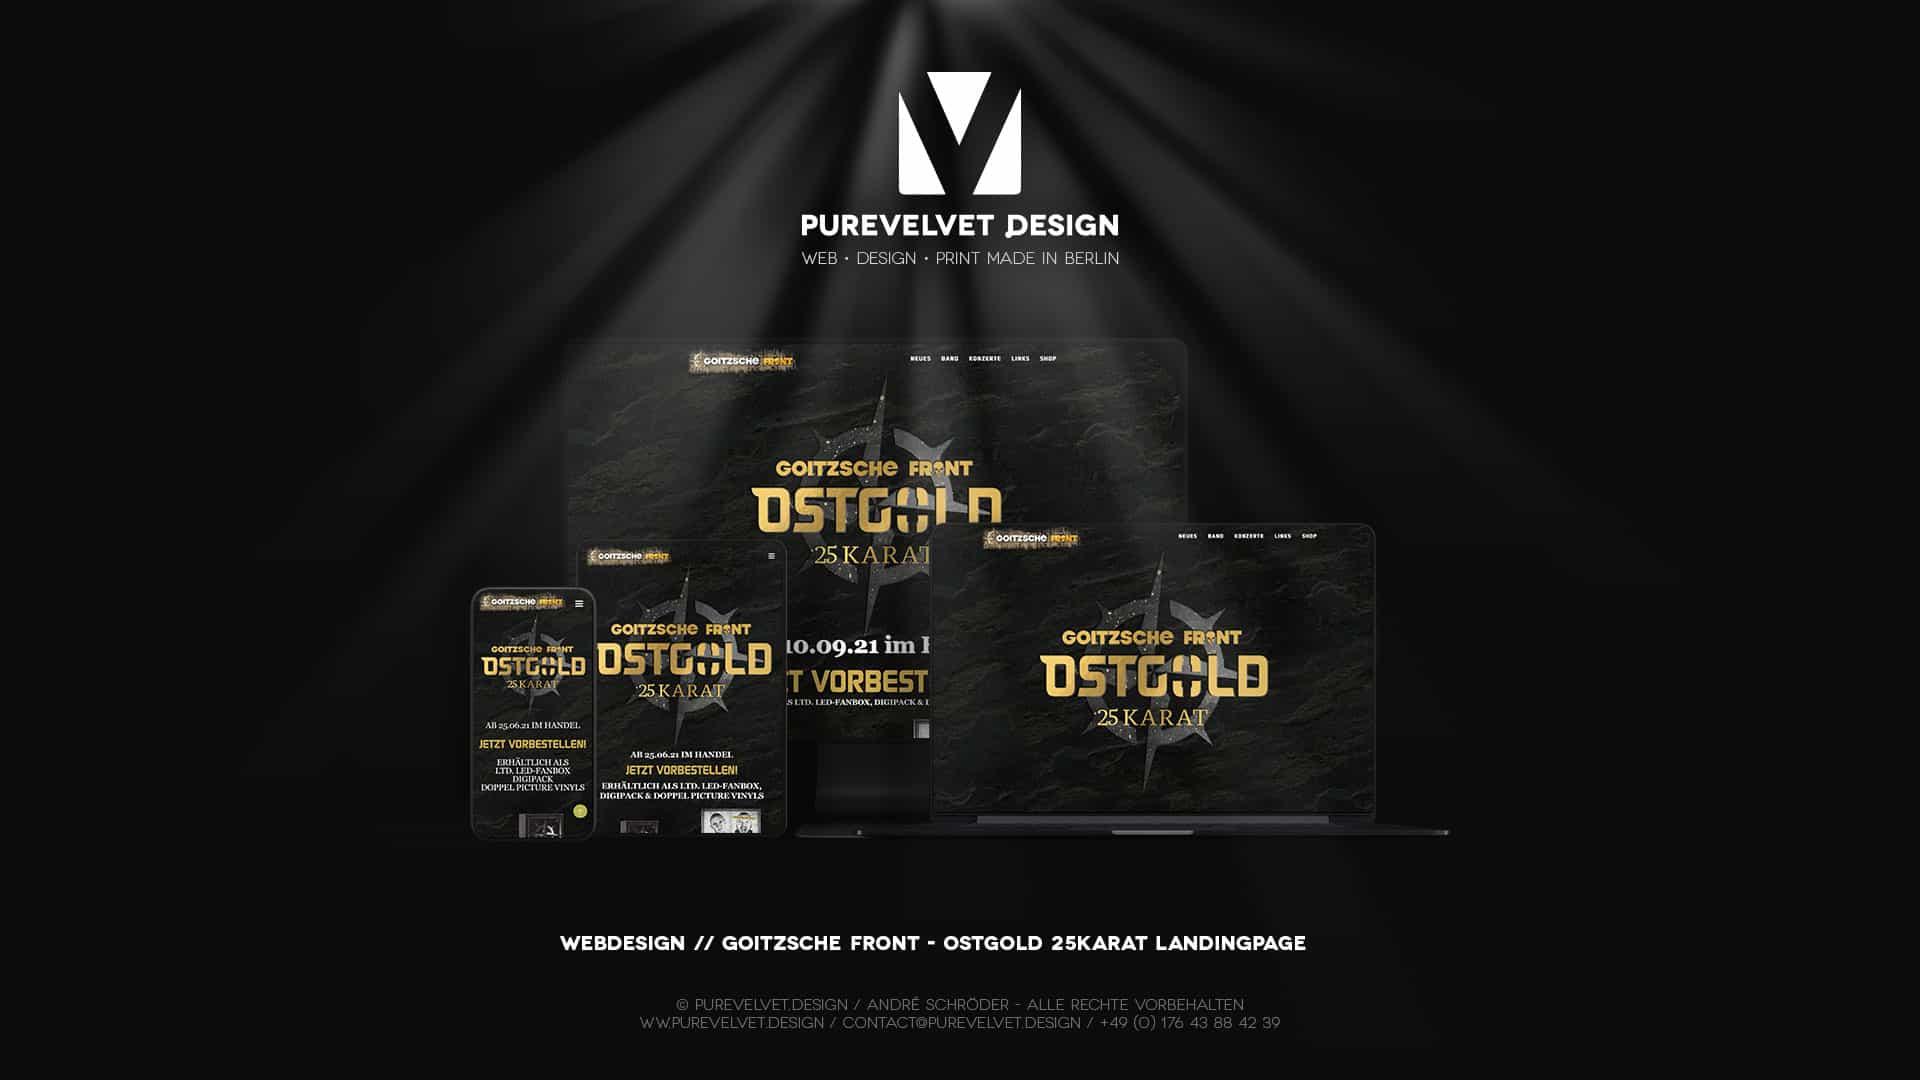 Webdesign Referenz - Goitzsche Front - Ostgold 25Karat